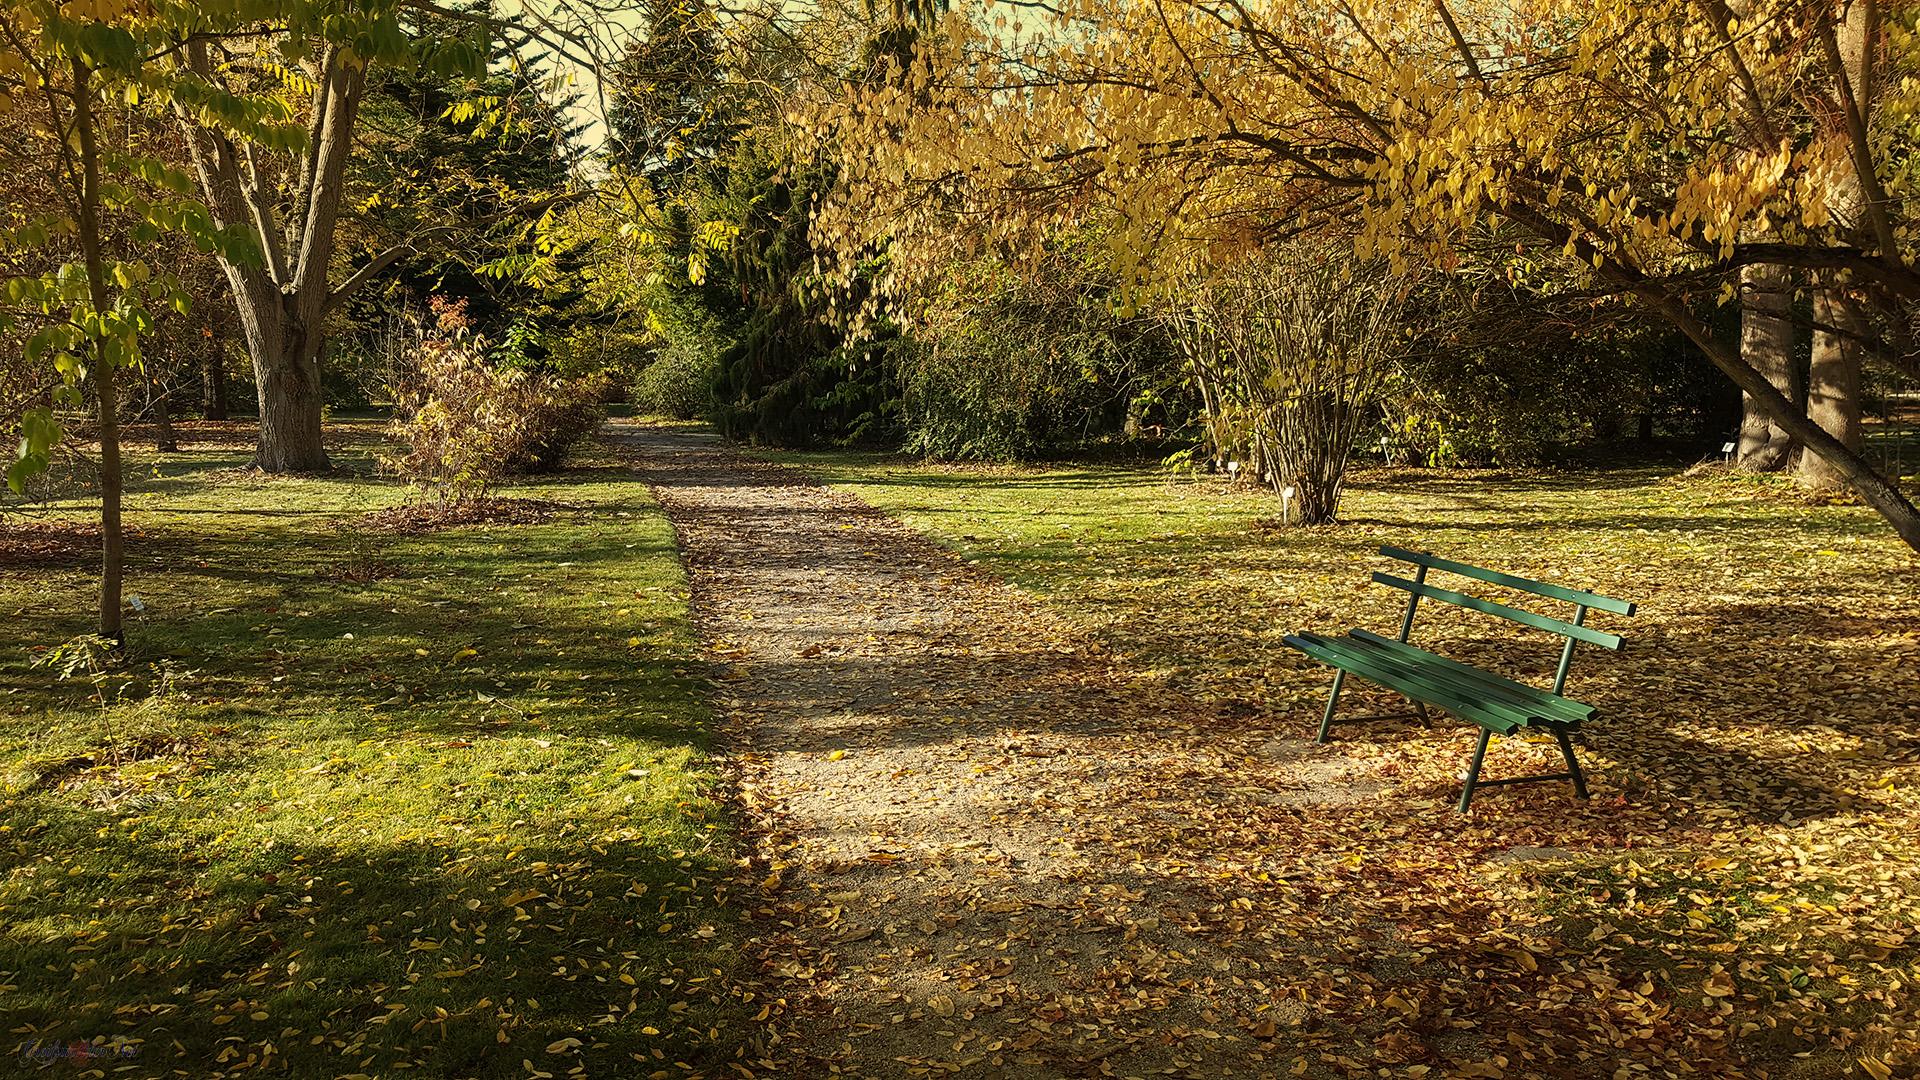 Herbstidylle im Arboretum des Botanischen Gartens in Greifswald